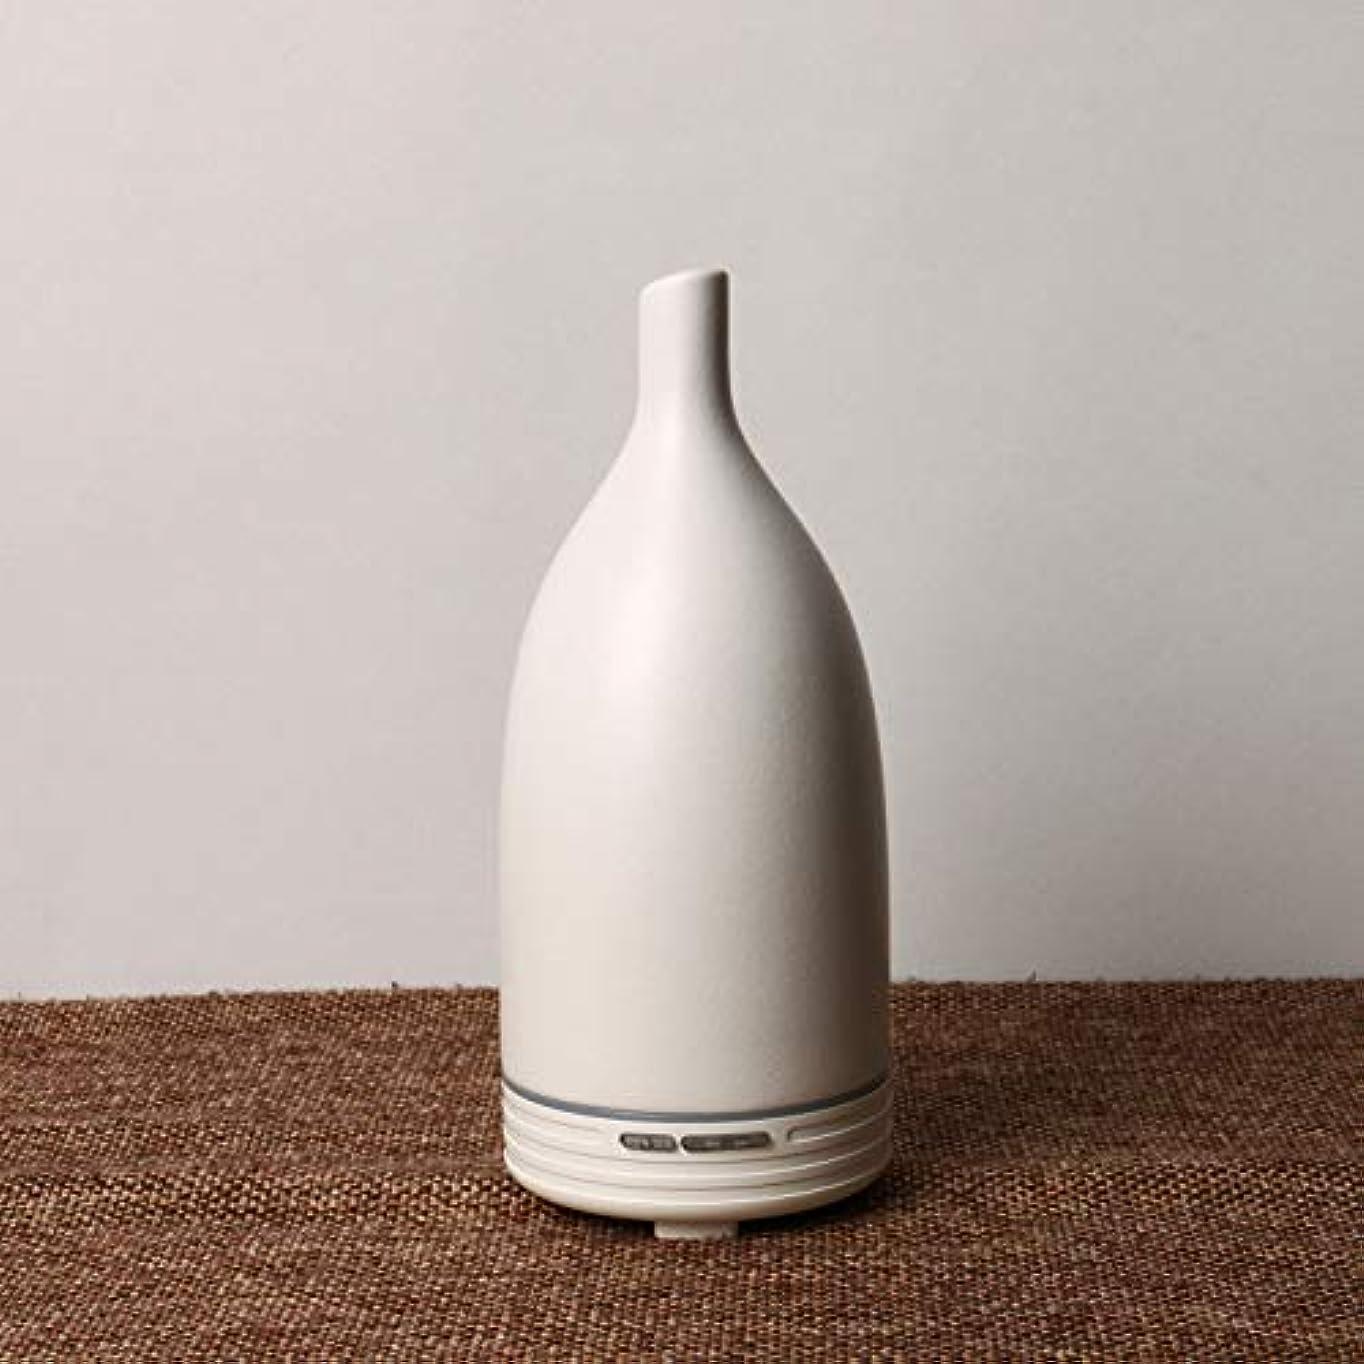 透けるフェリー劇的アロマディスペンサー精油加湿器陶磁器の材質は家庭の事務用に適しています。 (ホワイト)